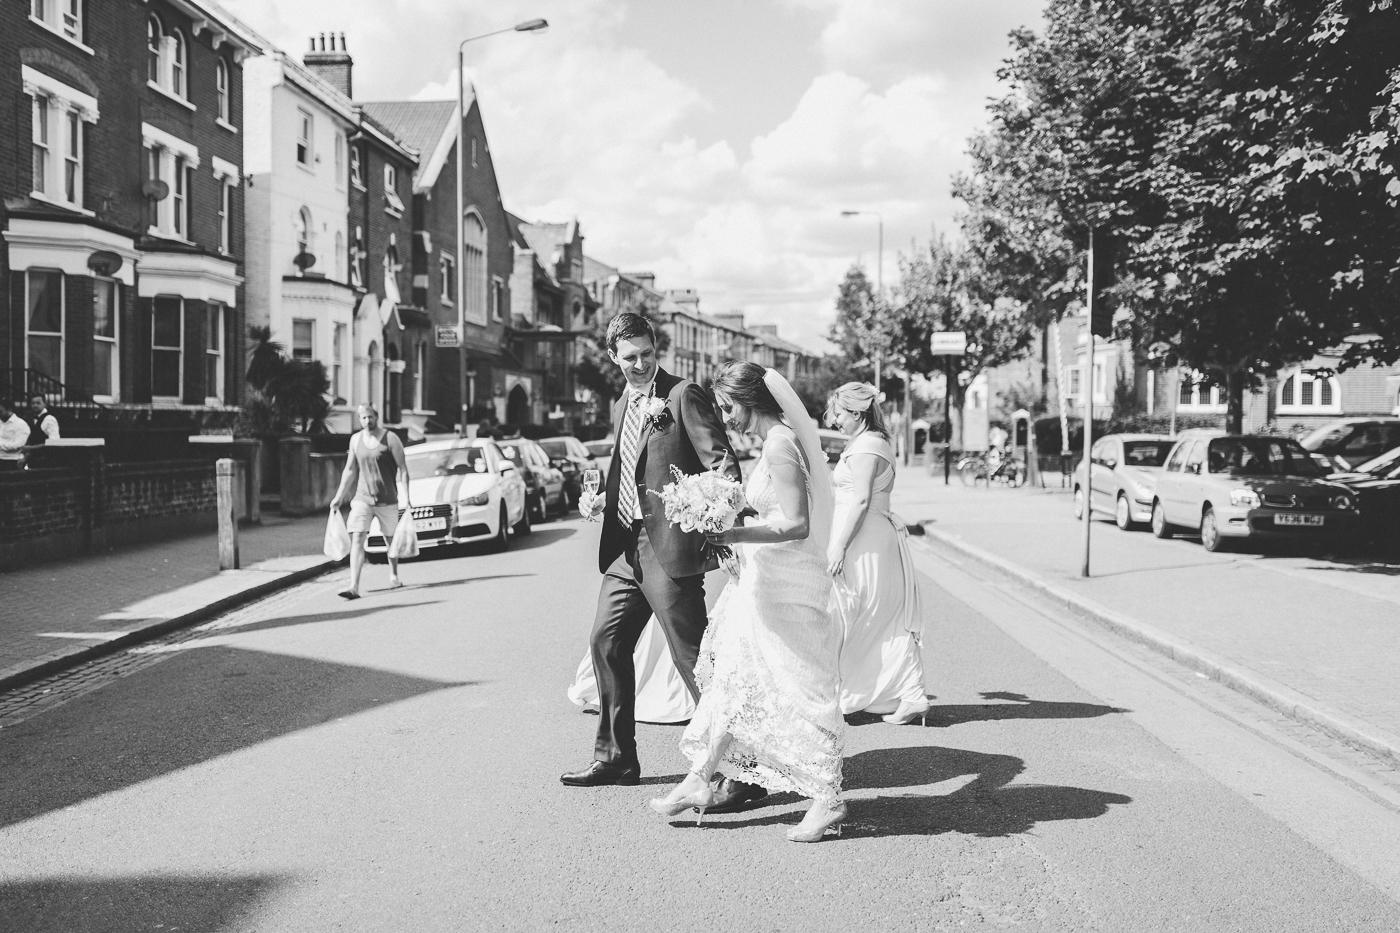 london-wedding-photographer-78.jpg